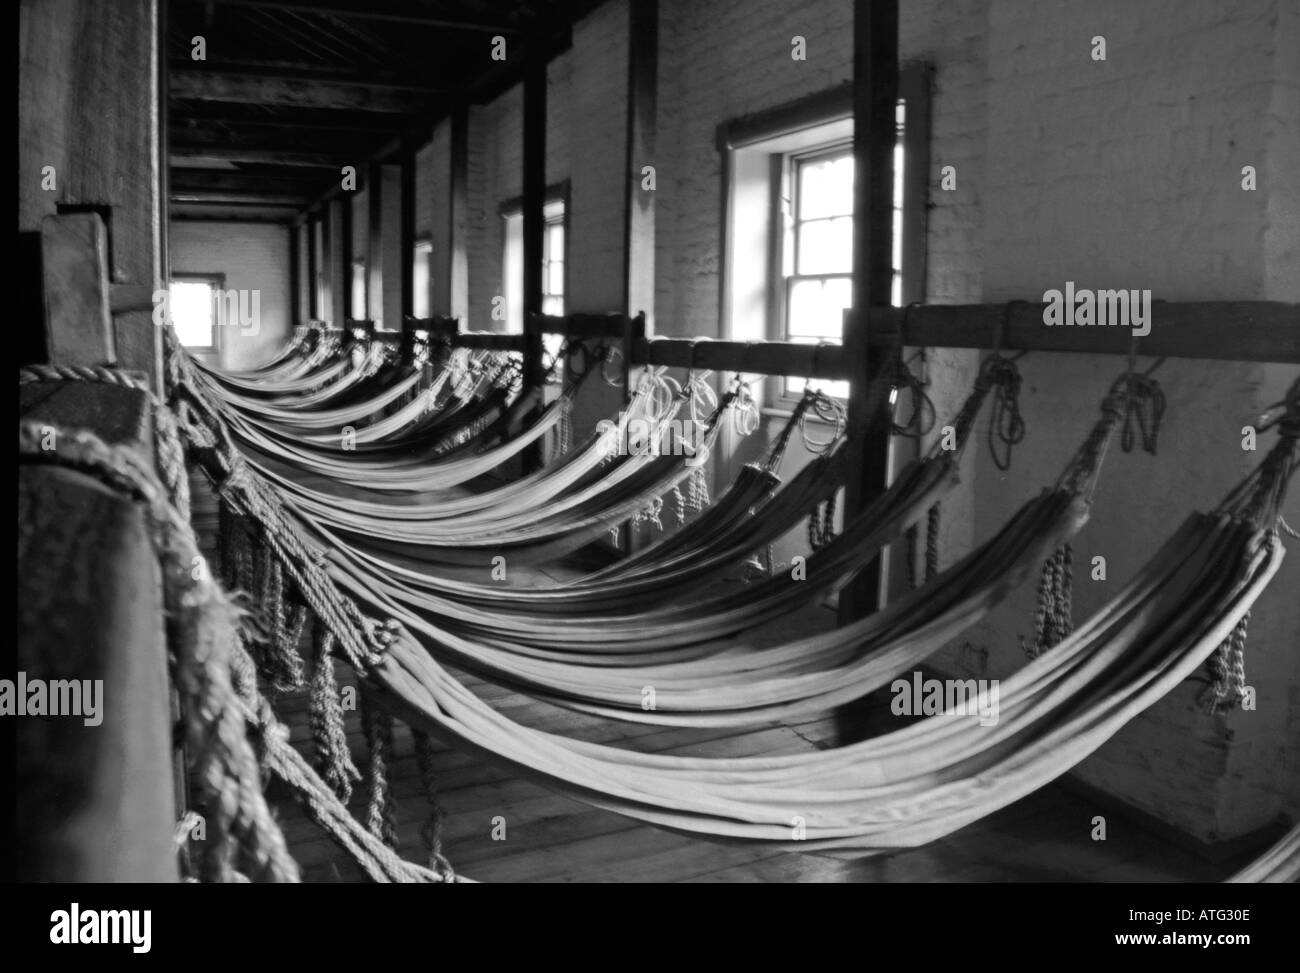 Row of hammocks in old prison, Melbourne, Australia - Stock Image